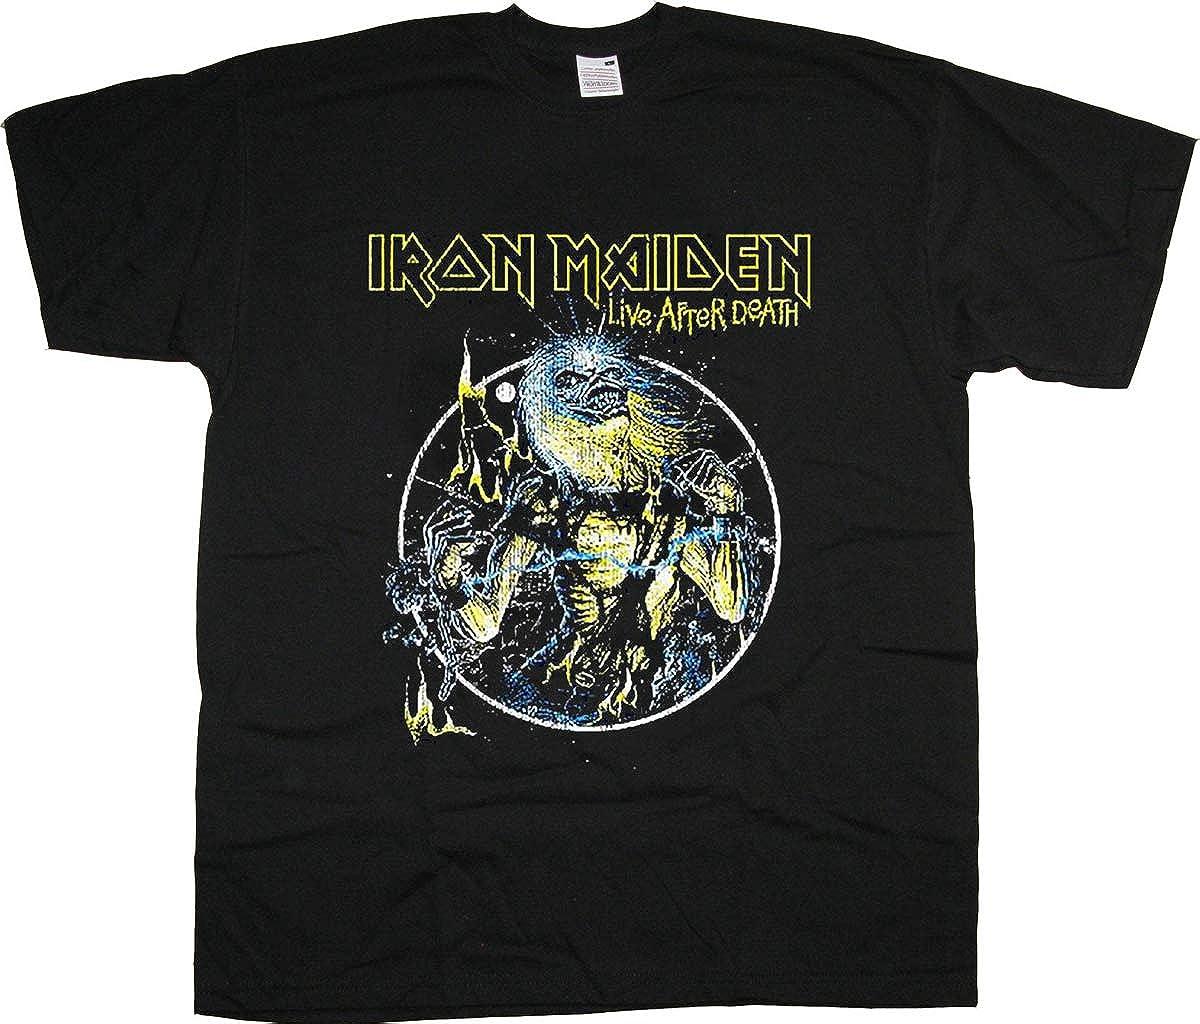 Iron Maiden Live After Death Steve Harris Rock Oficial Camiseta para Hombre: Amazon.es: Ropa y accesorios